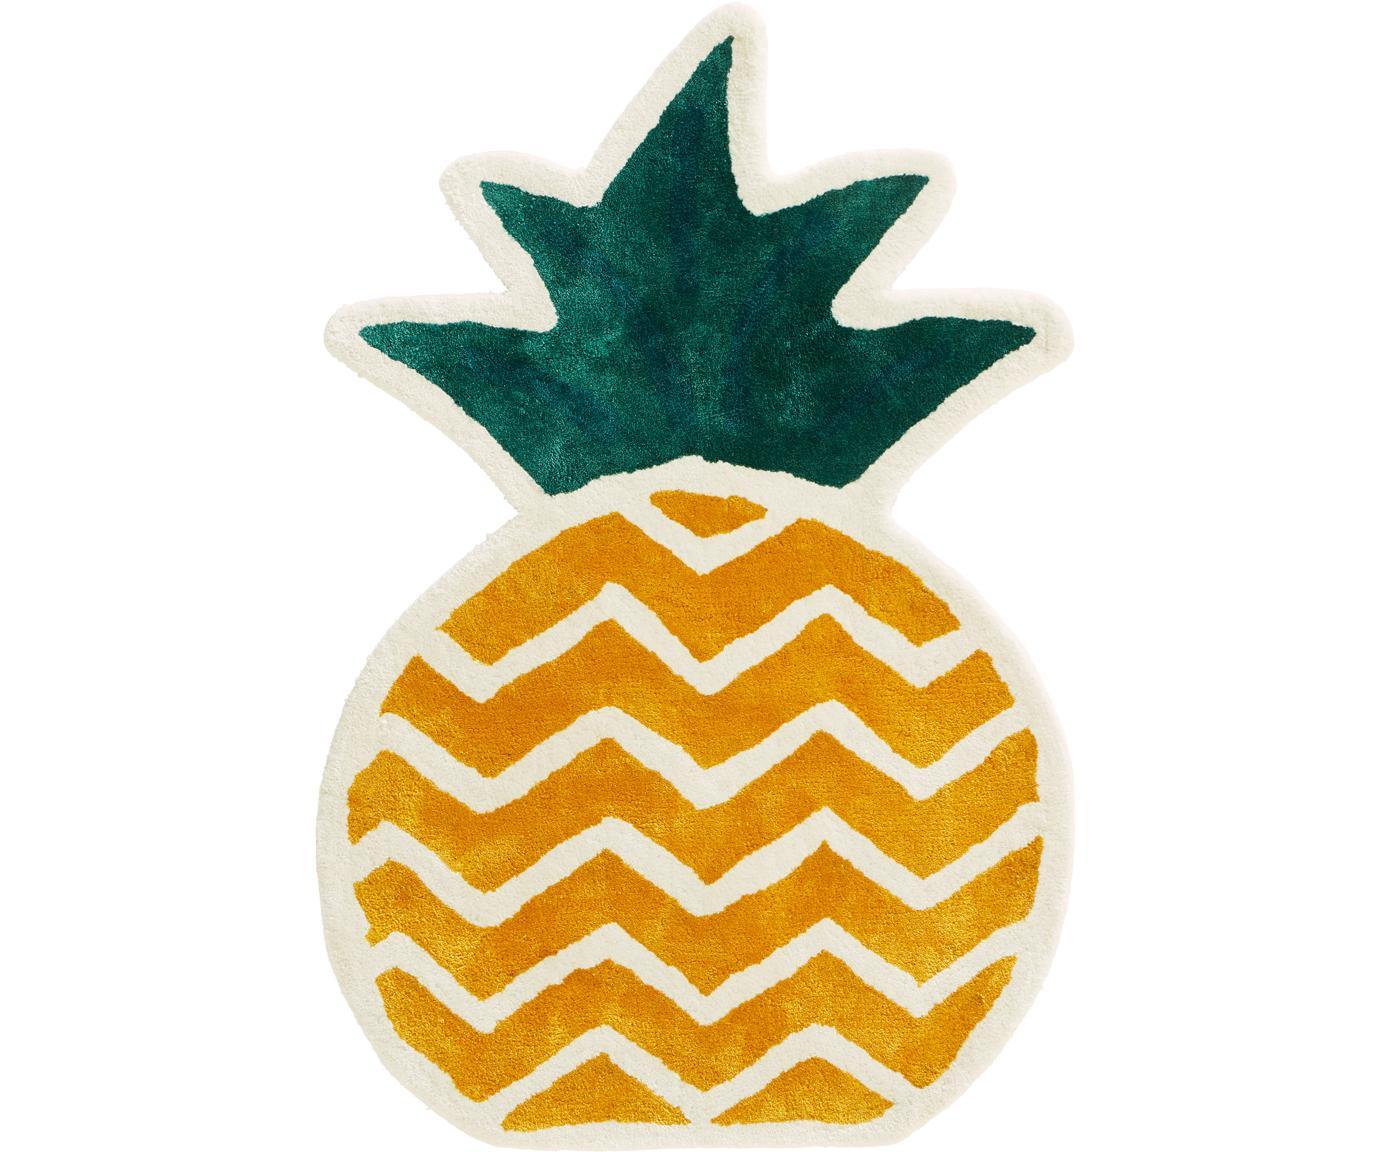 Teppich Pineapple, Viskose, Gelb, Grün, Cremeweiß, 60 x 90 cm